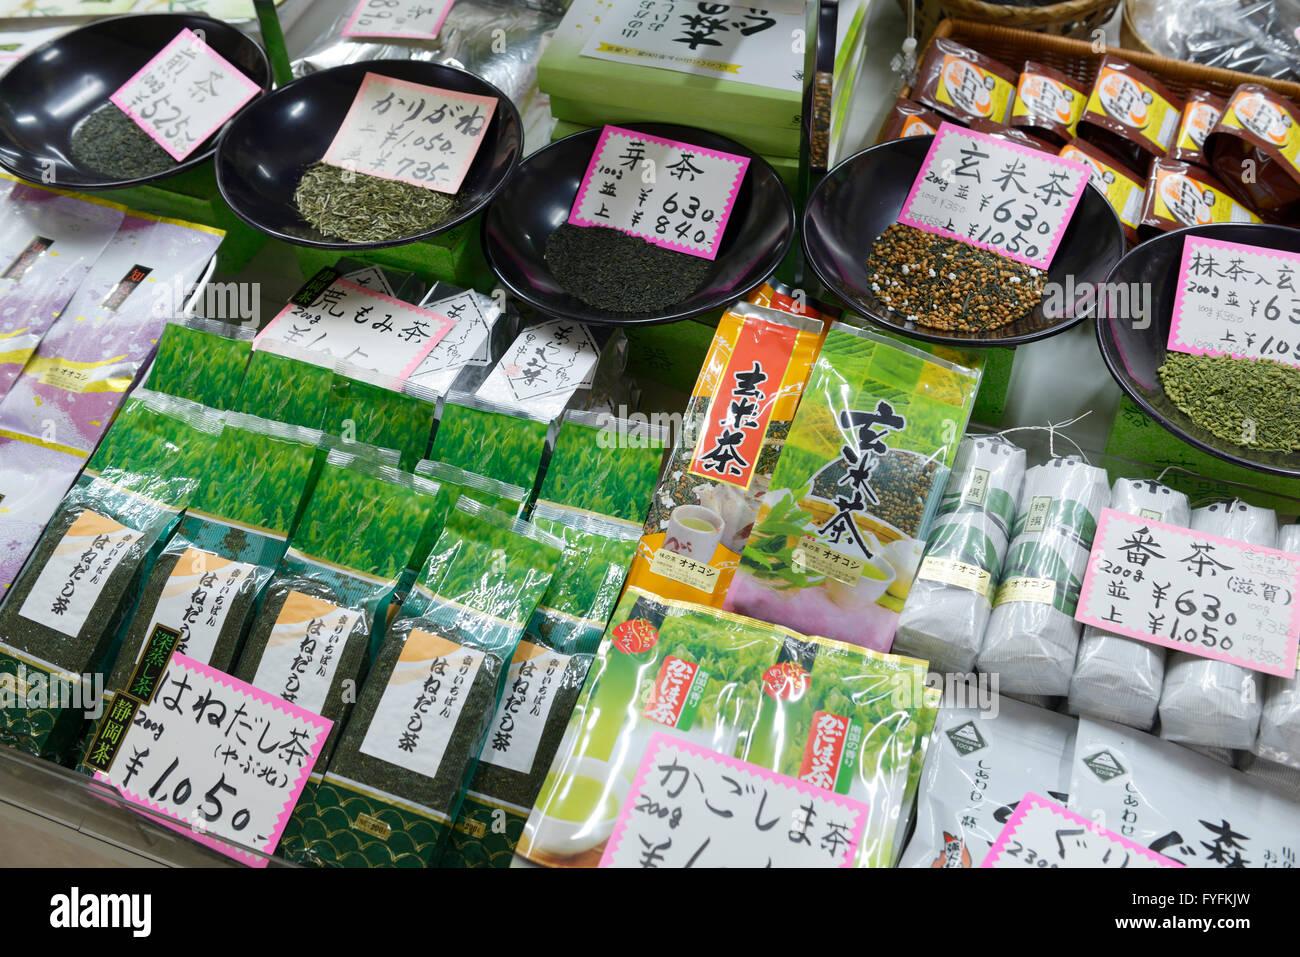 Tè giapponese, genmaicha, presso un negozio,Tokyo, Giappone Foto Stock